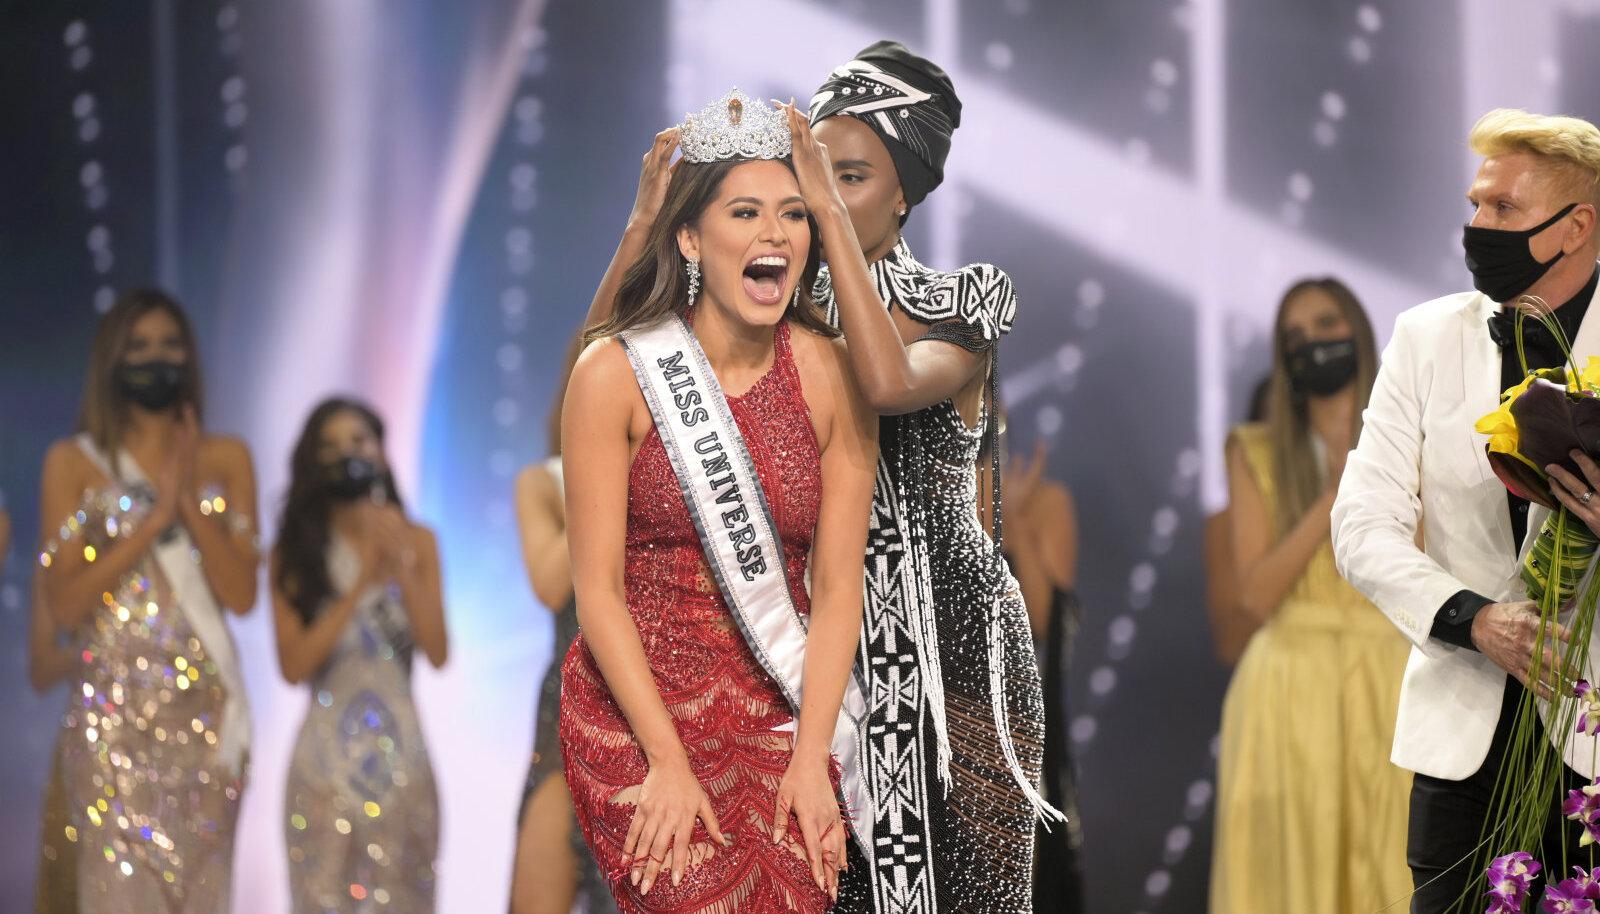 """Корону новой """"Мисс Вселенной"""" Андреа Меза передала победительница 2019 года, модель из ЮАР Зозибини Тунци"""